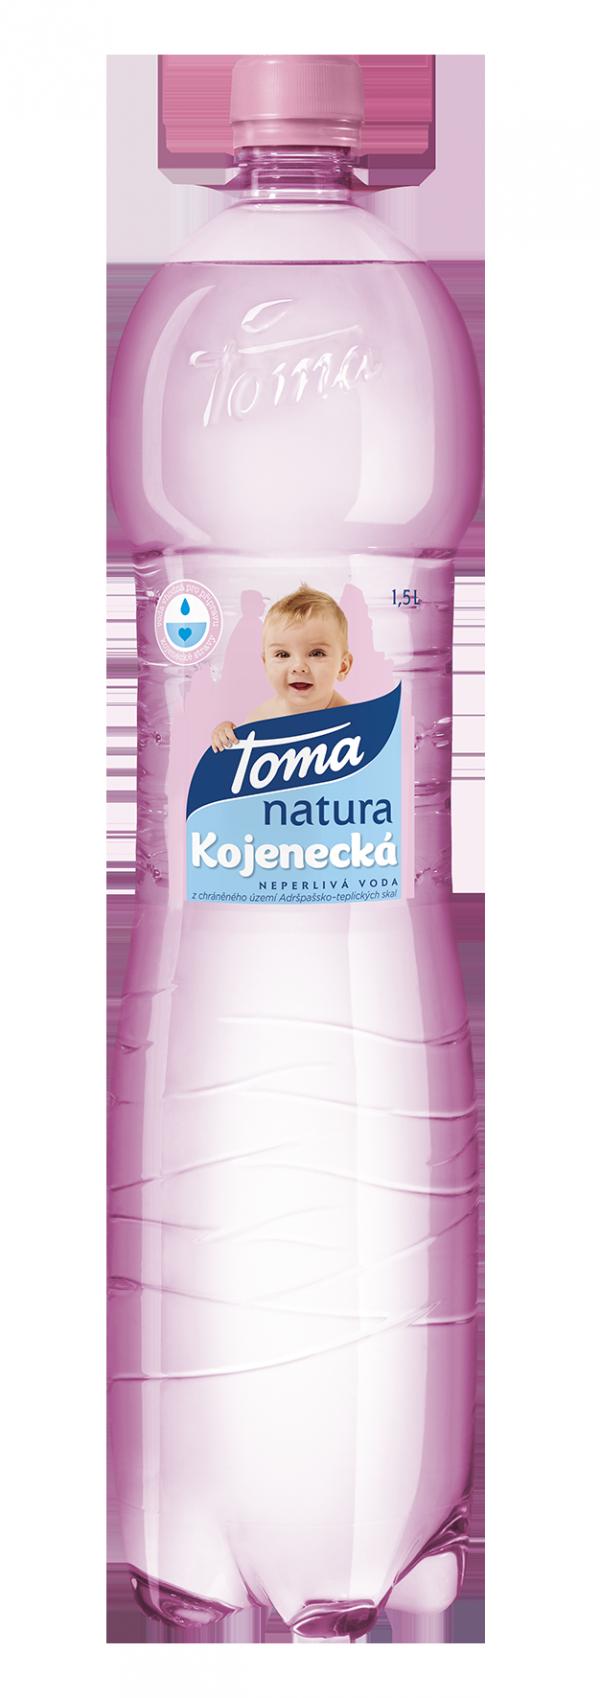 Toma Natura kojenecká se na pultech objeví v březnu